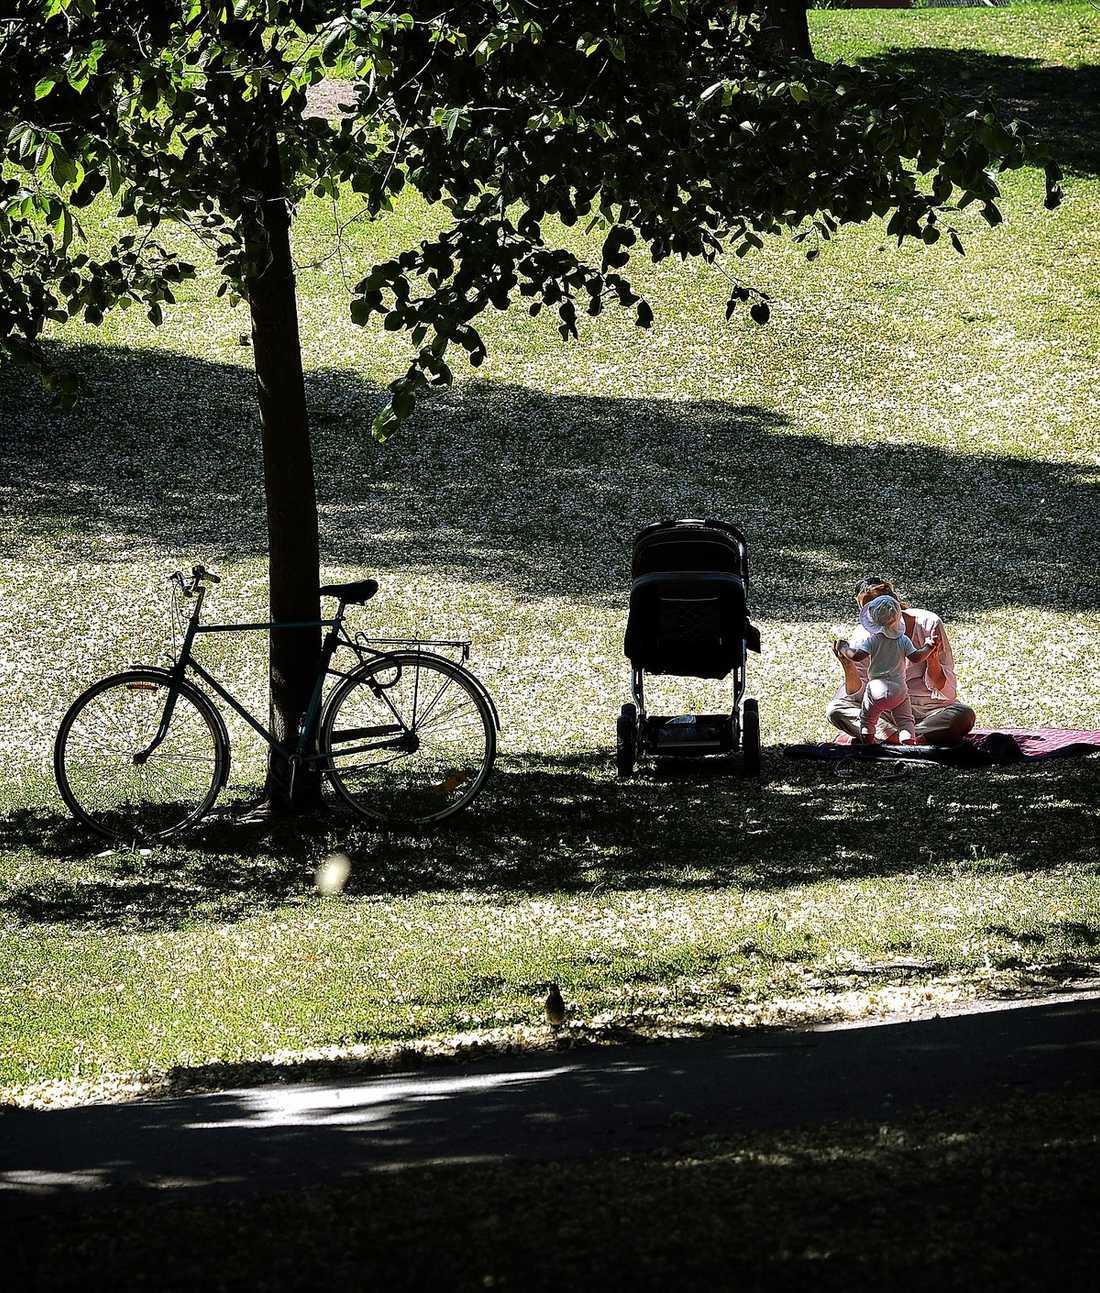 FÖRÄNDRADE BOENDEMÖNSTER Det är inte längre självklart för familjer att söka sig till förorten när de får barn. Det ställer därför högre krav på städerna att bli mer barnvänliga. Ett sätt är att skapa fler grönområden, som det här i Vasaparken i Stockholm.